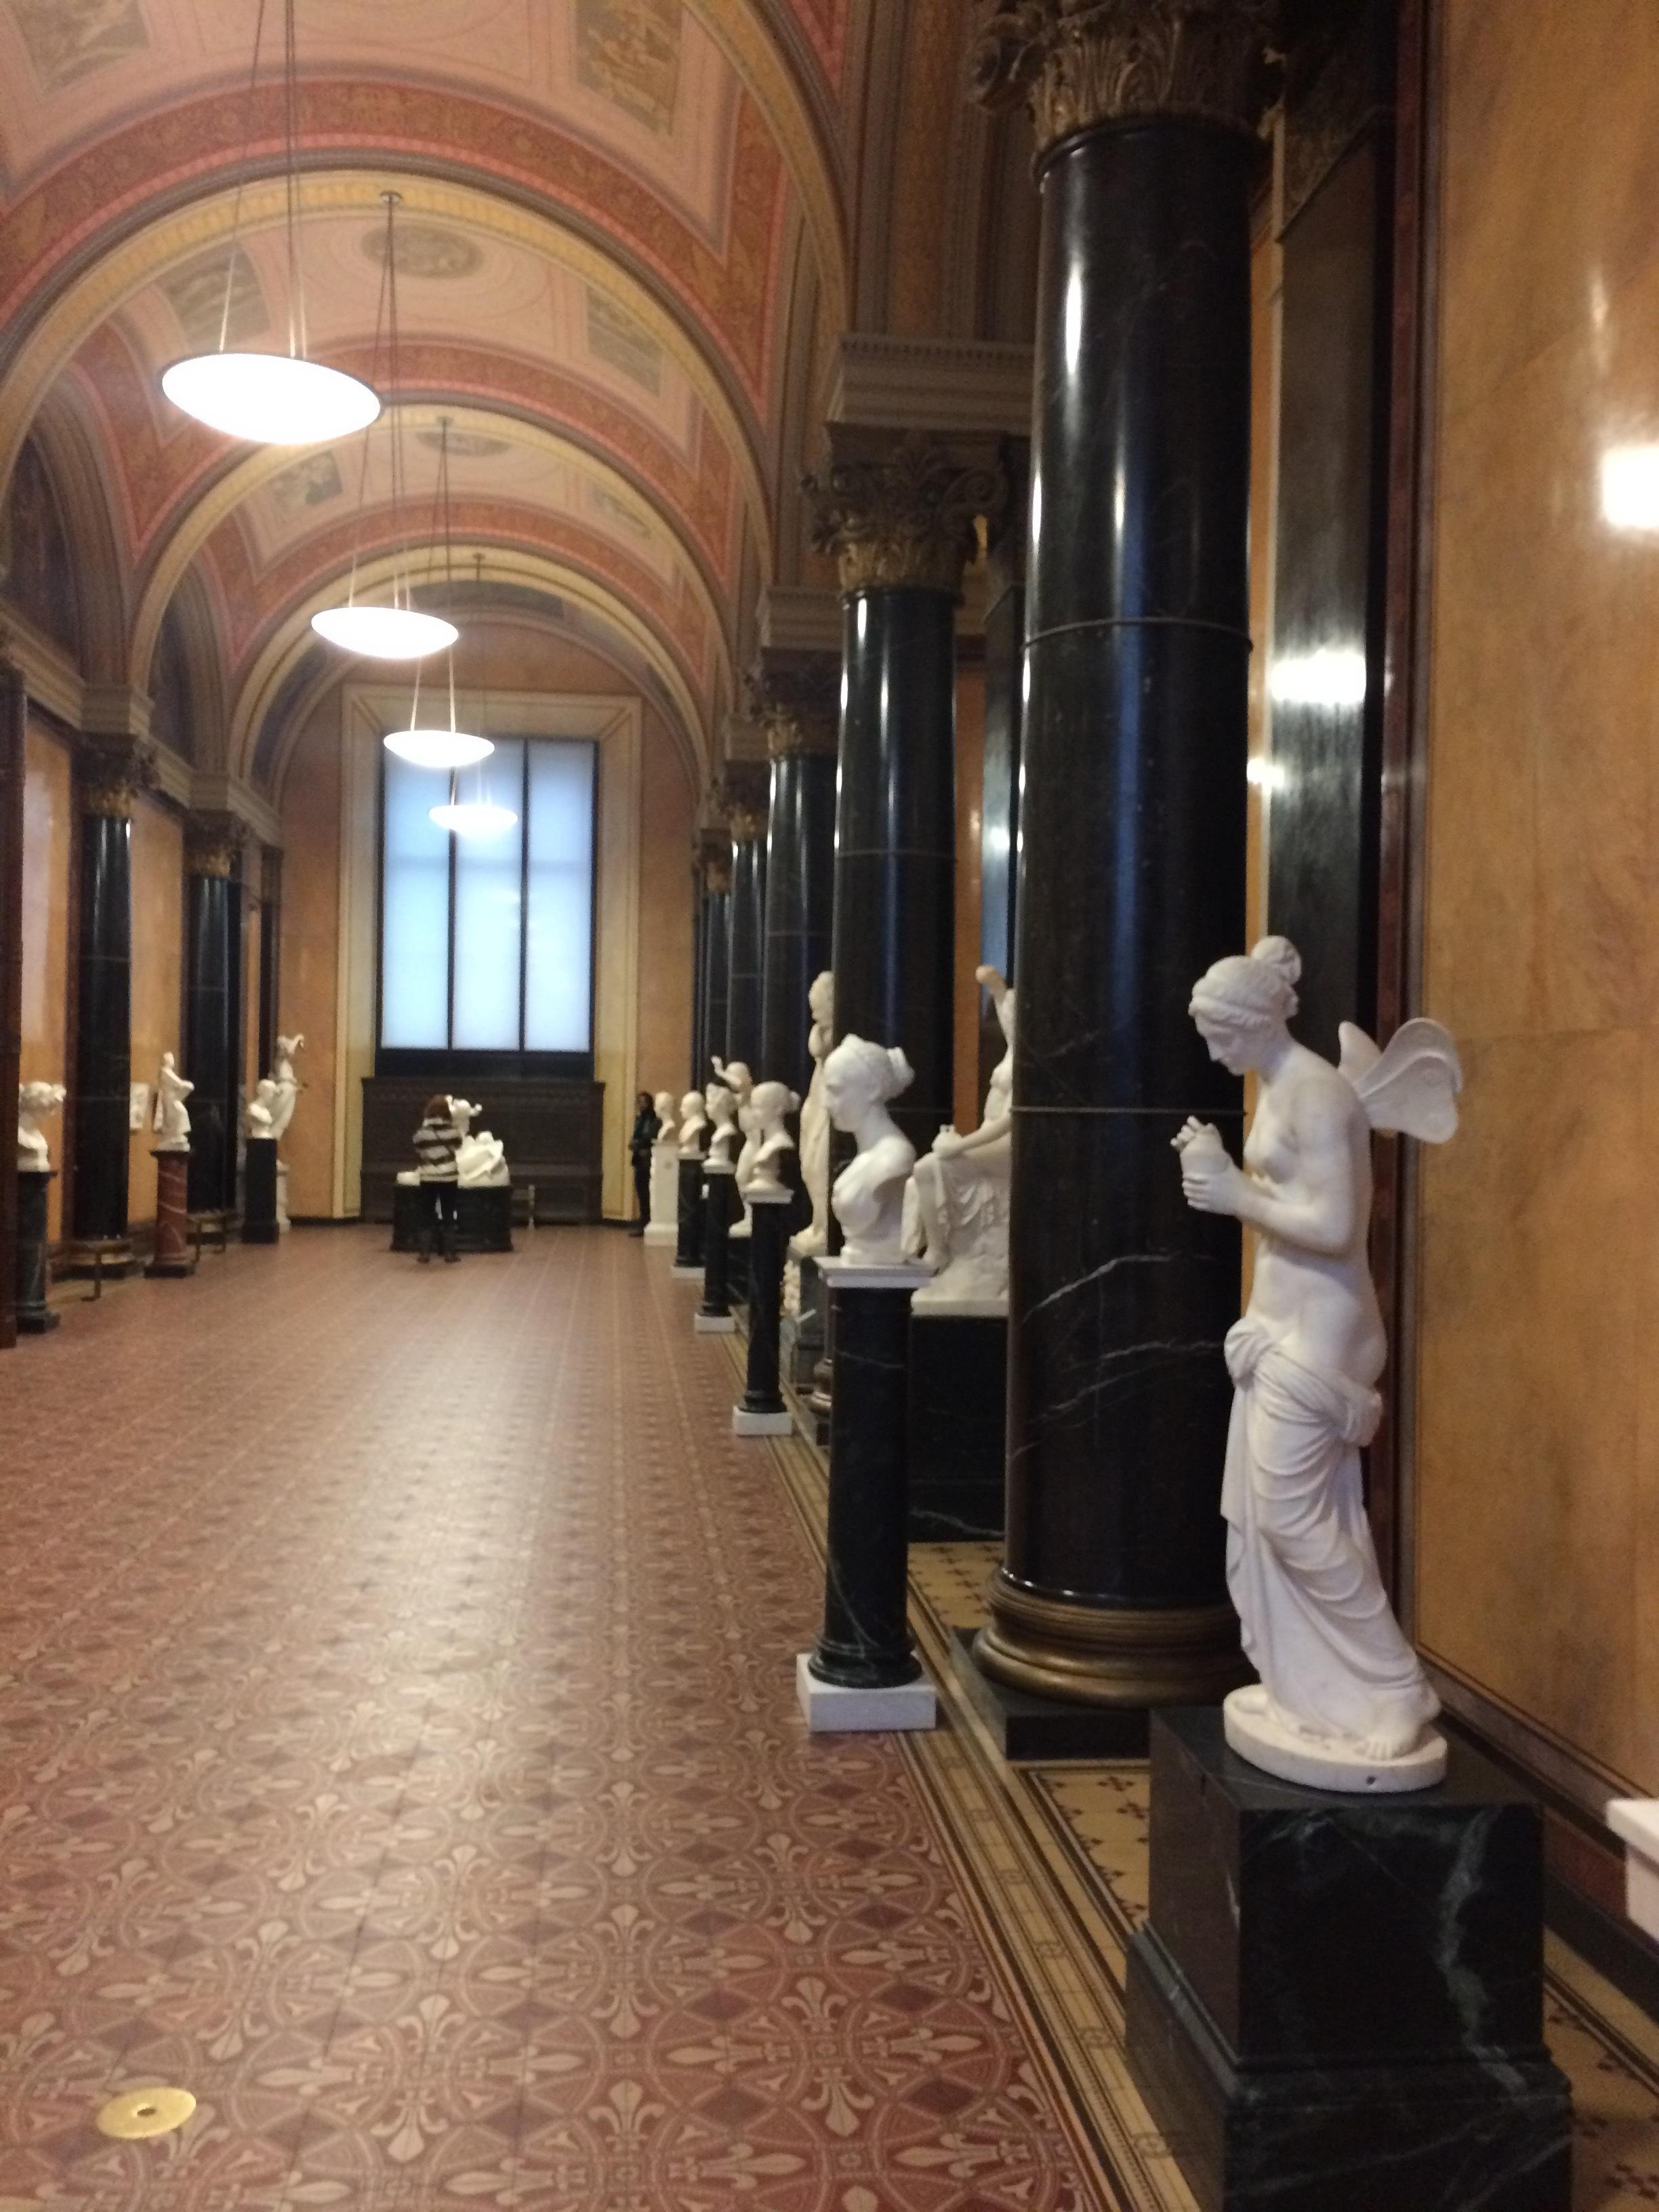 Sculptures in Alte